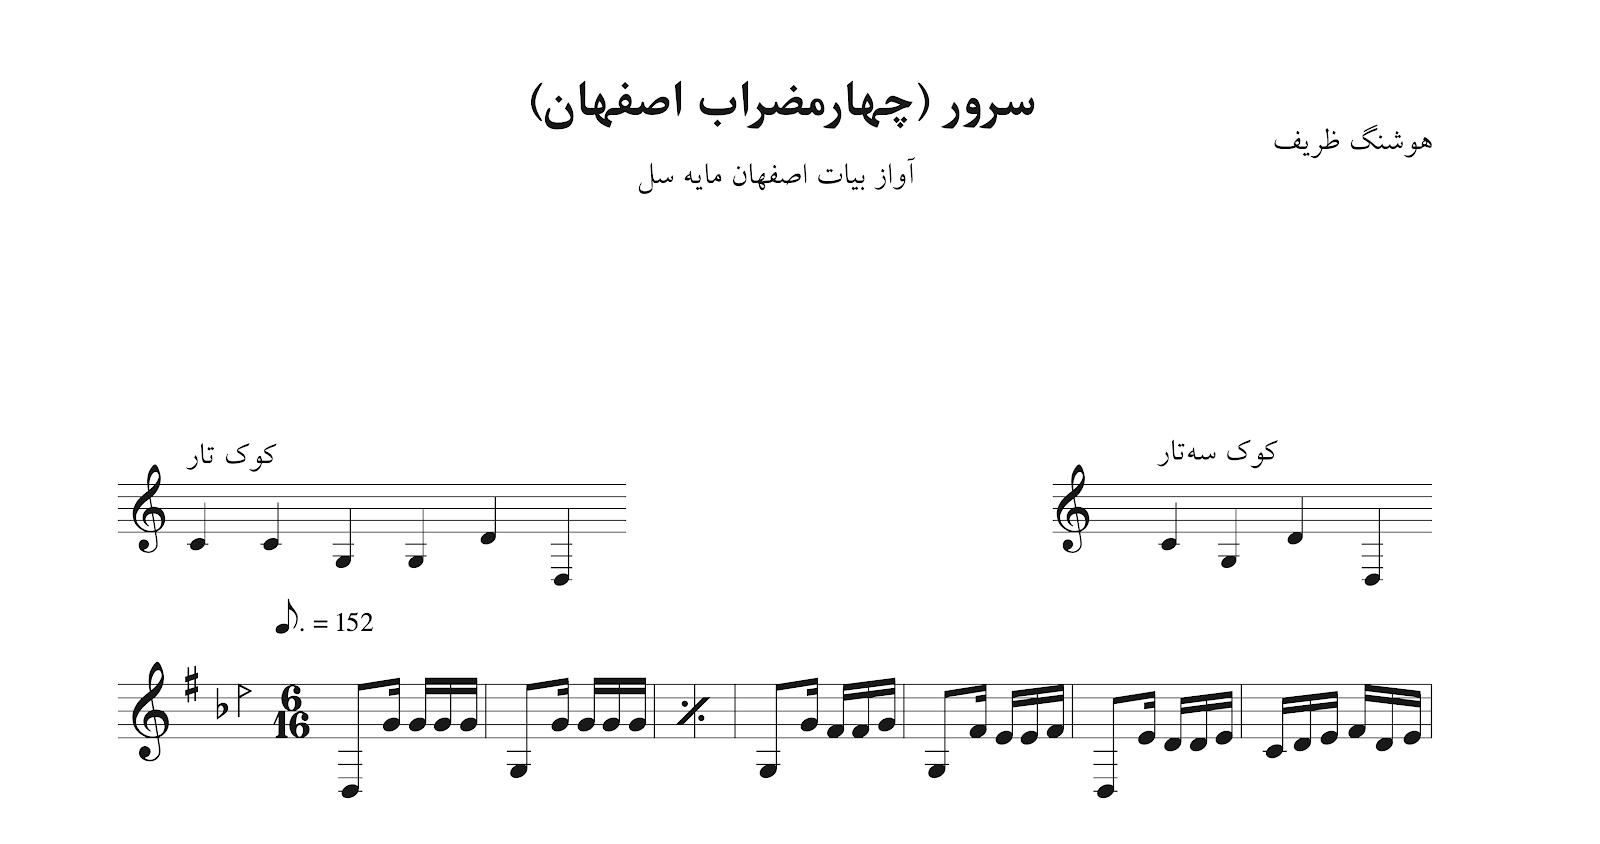 نت سرور چهارمضراب اصفهان سل هوشنگ ظریف